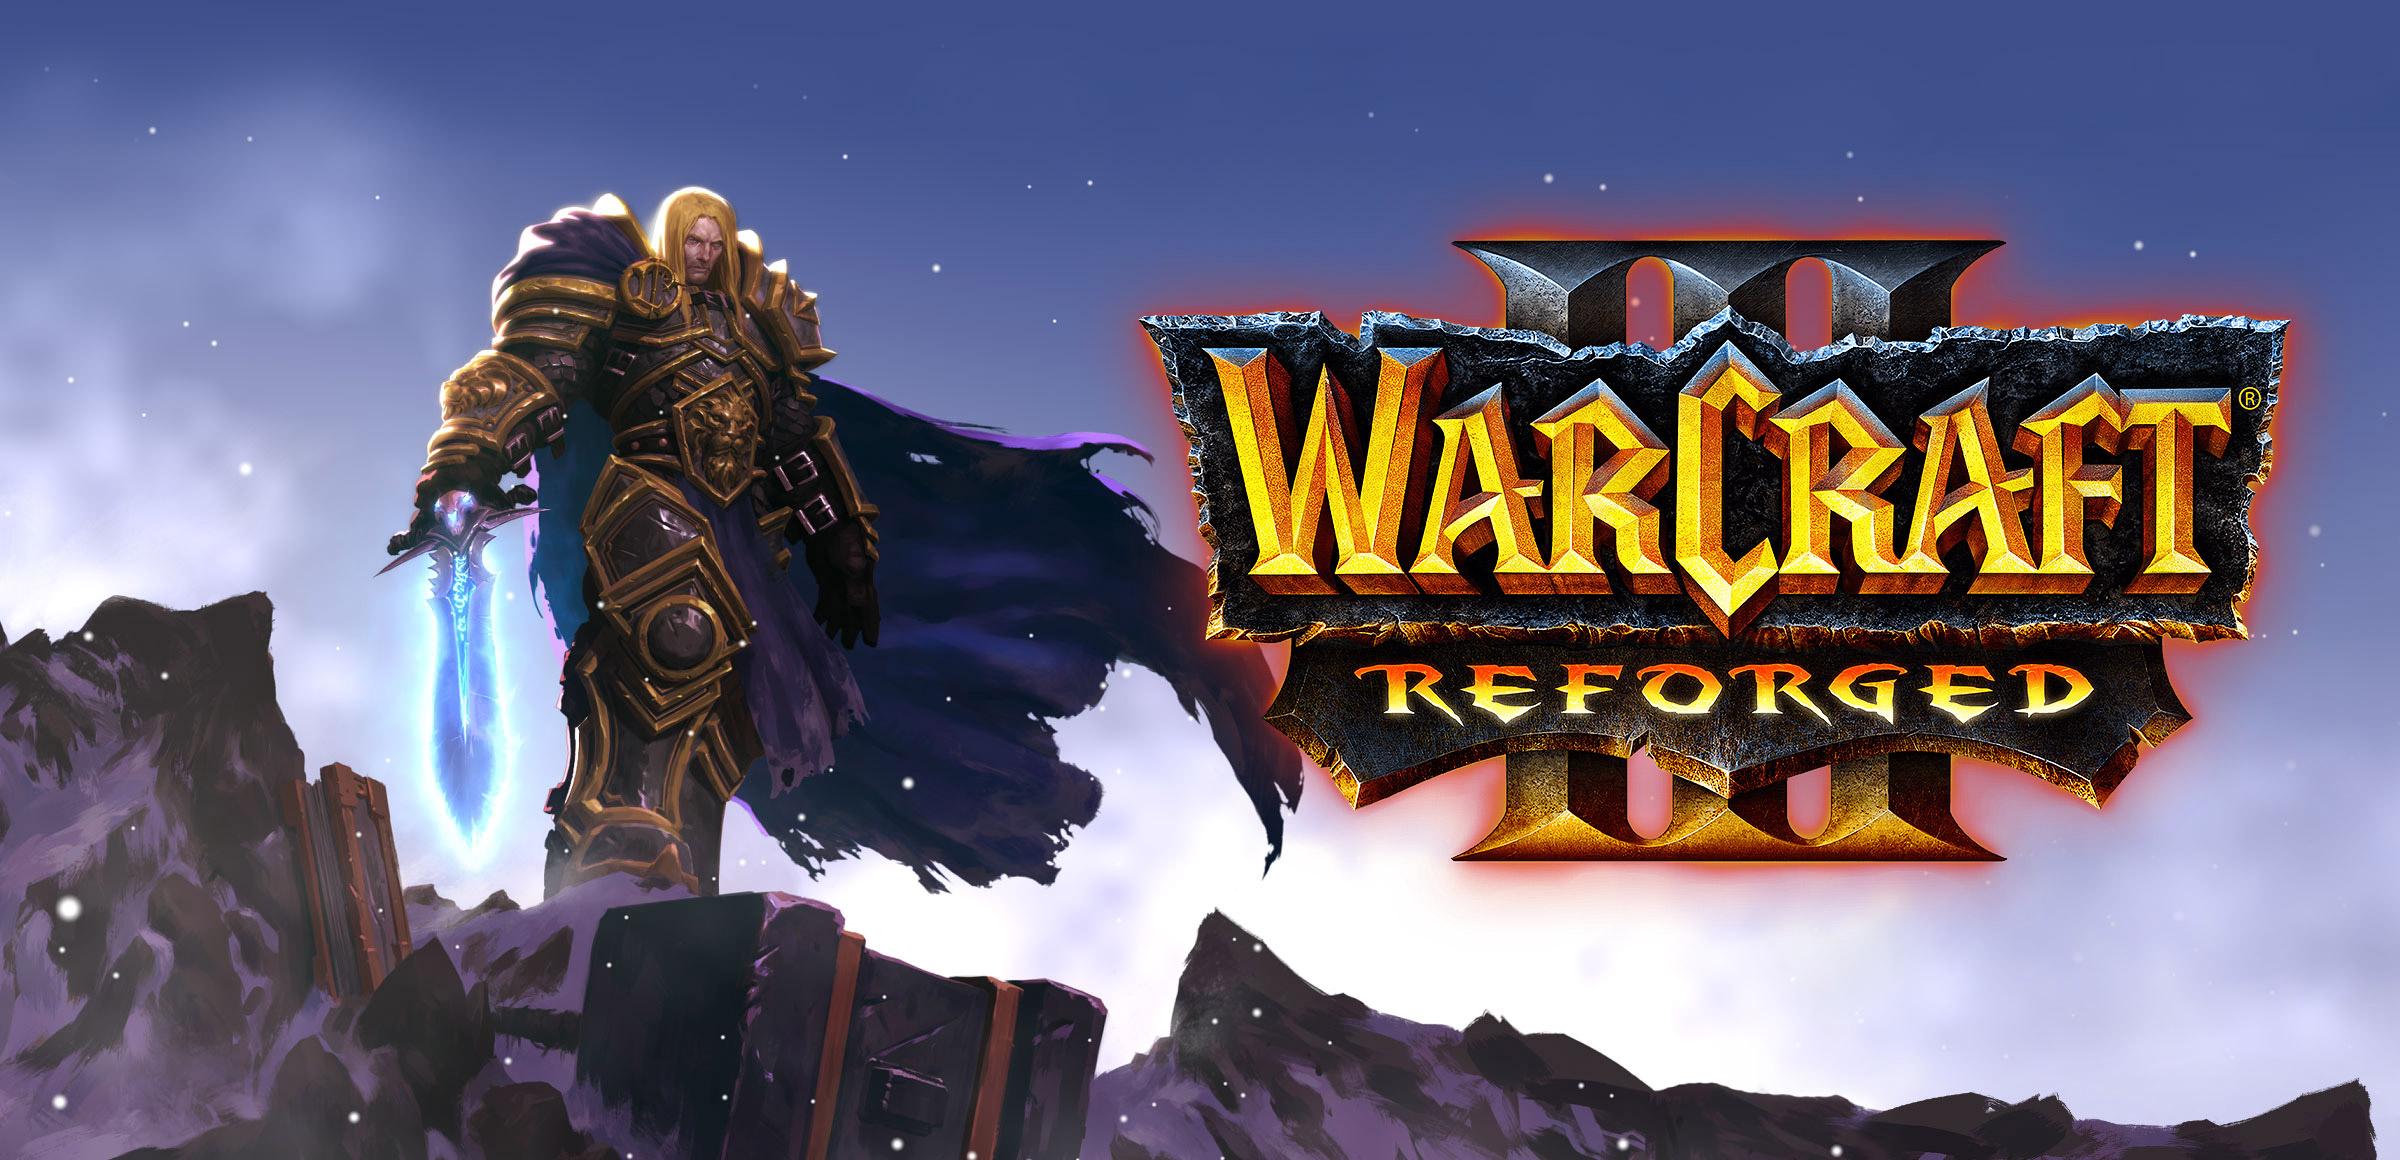 Warcraf 3 : Reforged, est une refonte de Warcraft 3